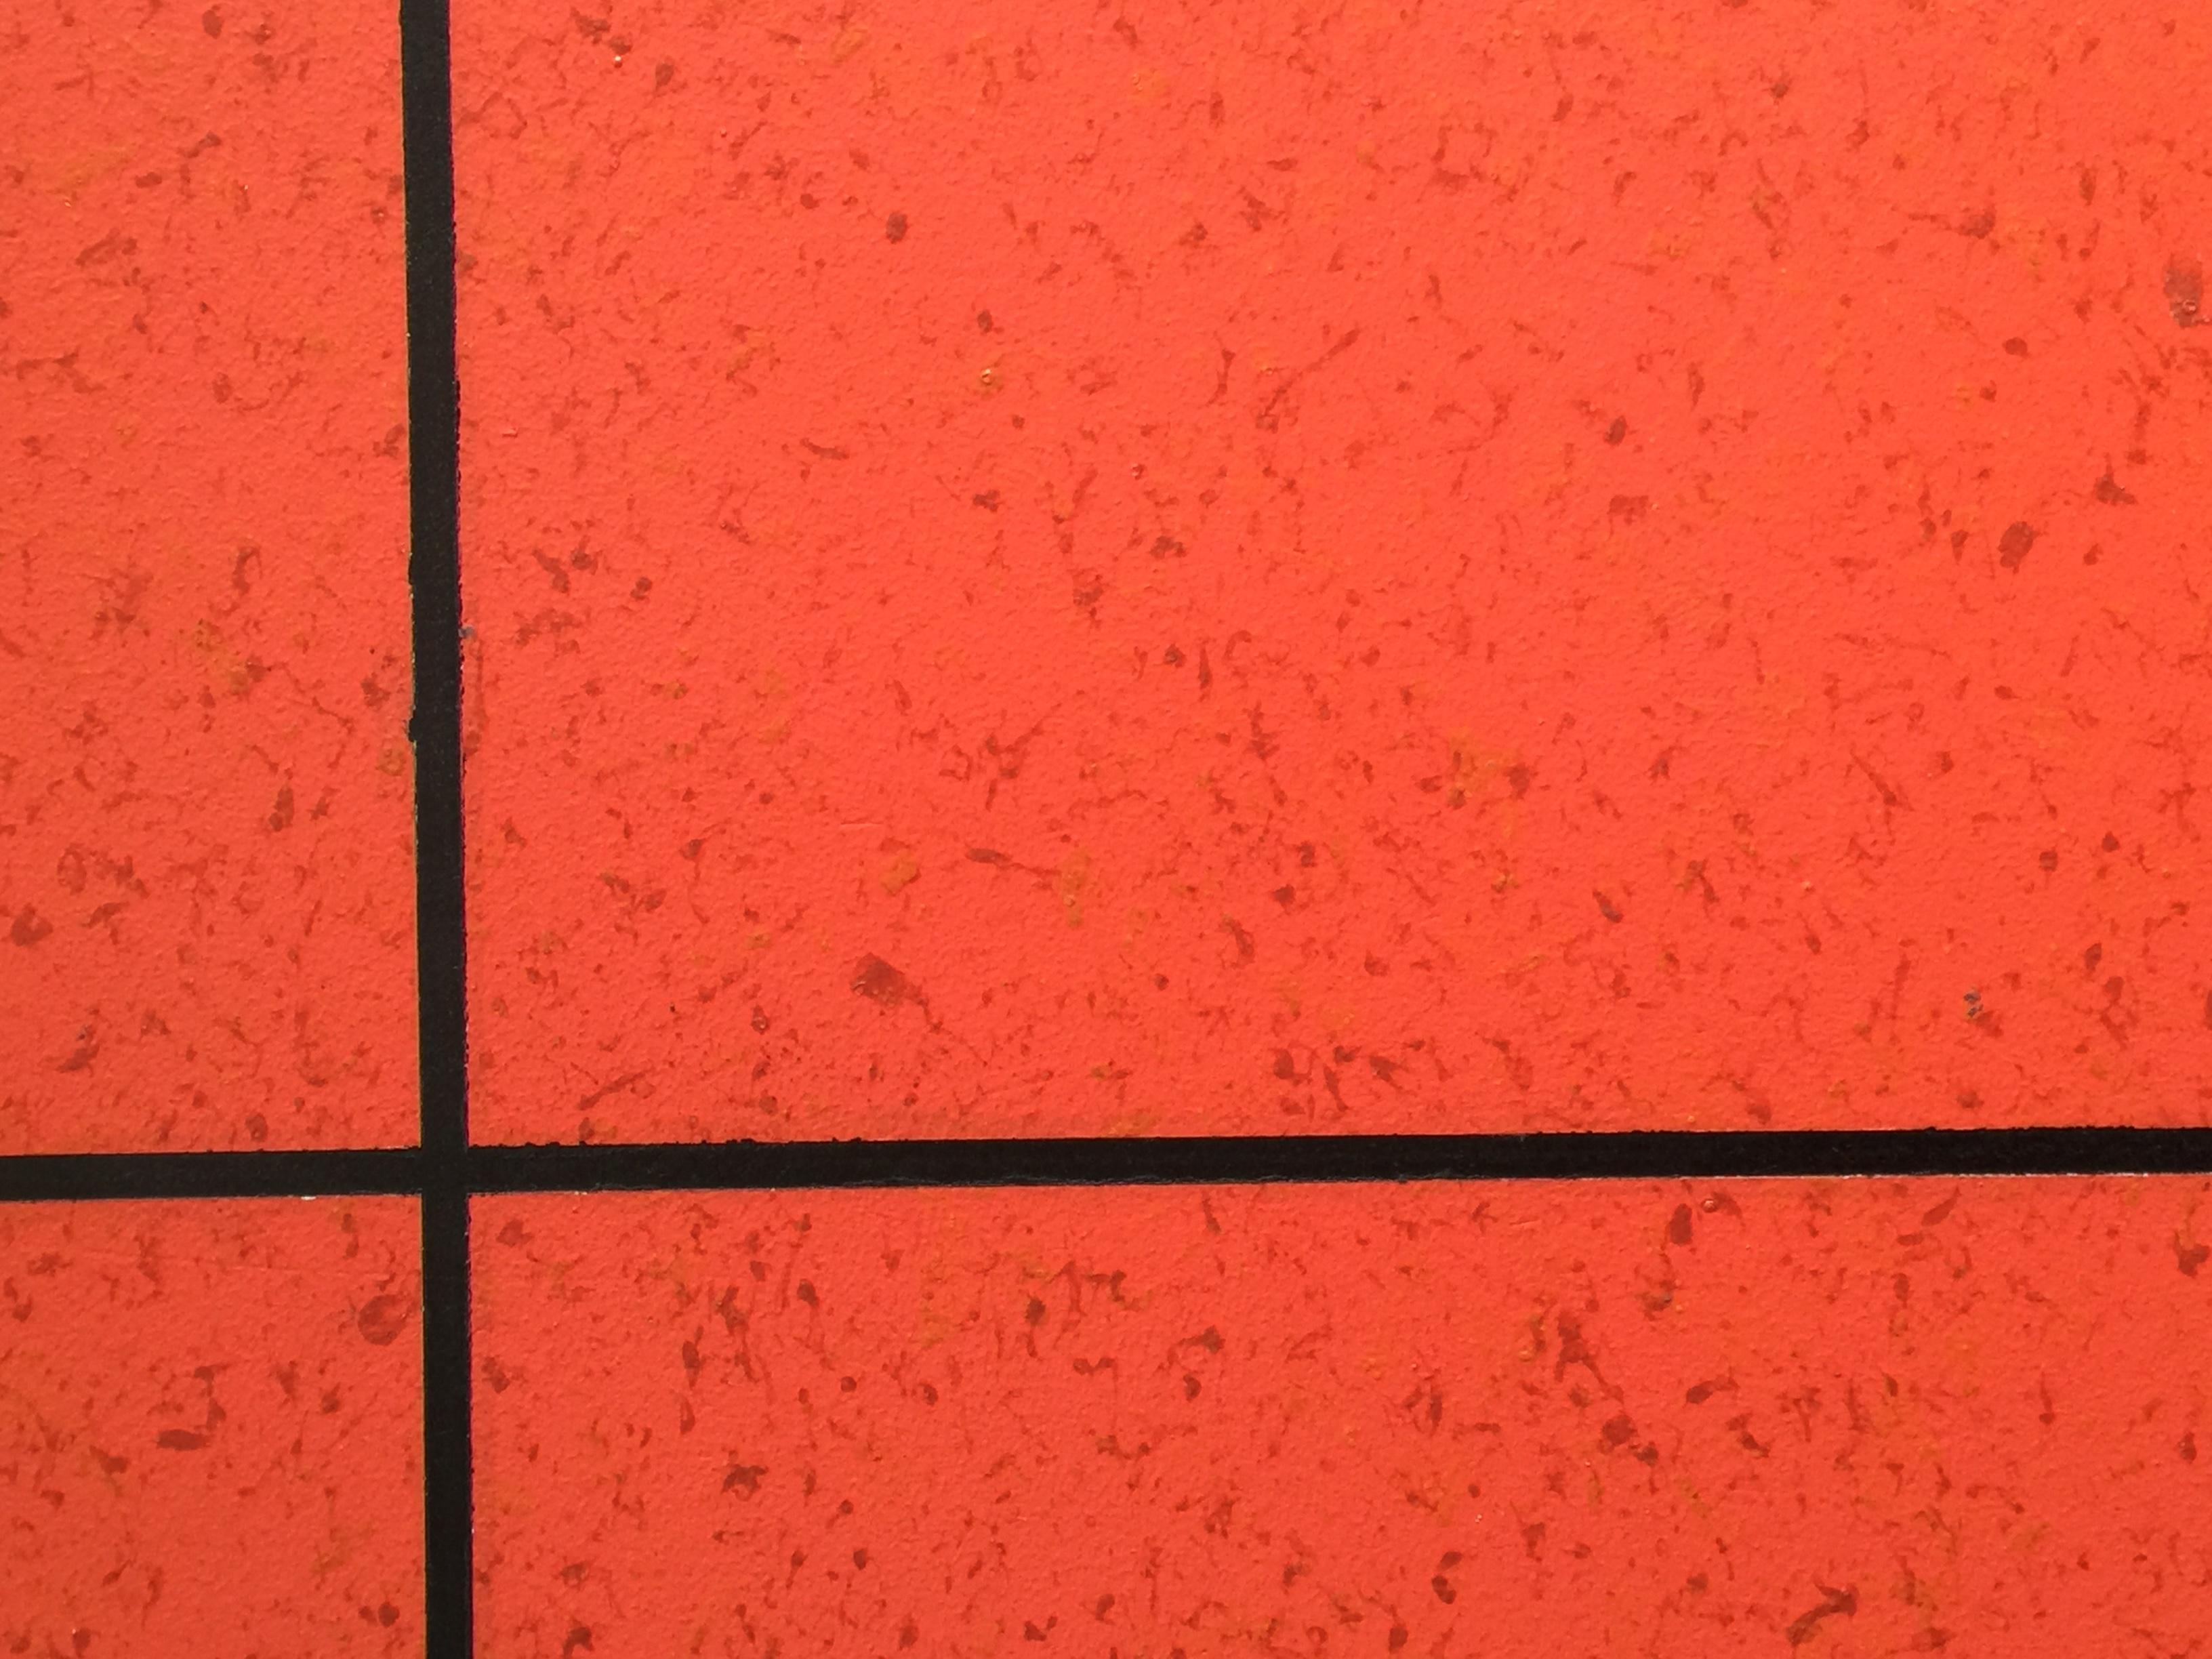 质感漆 外墙涂料